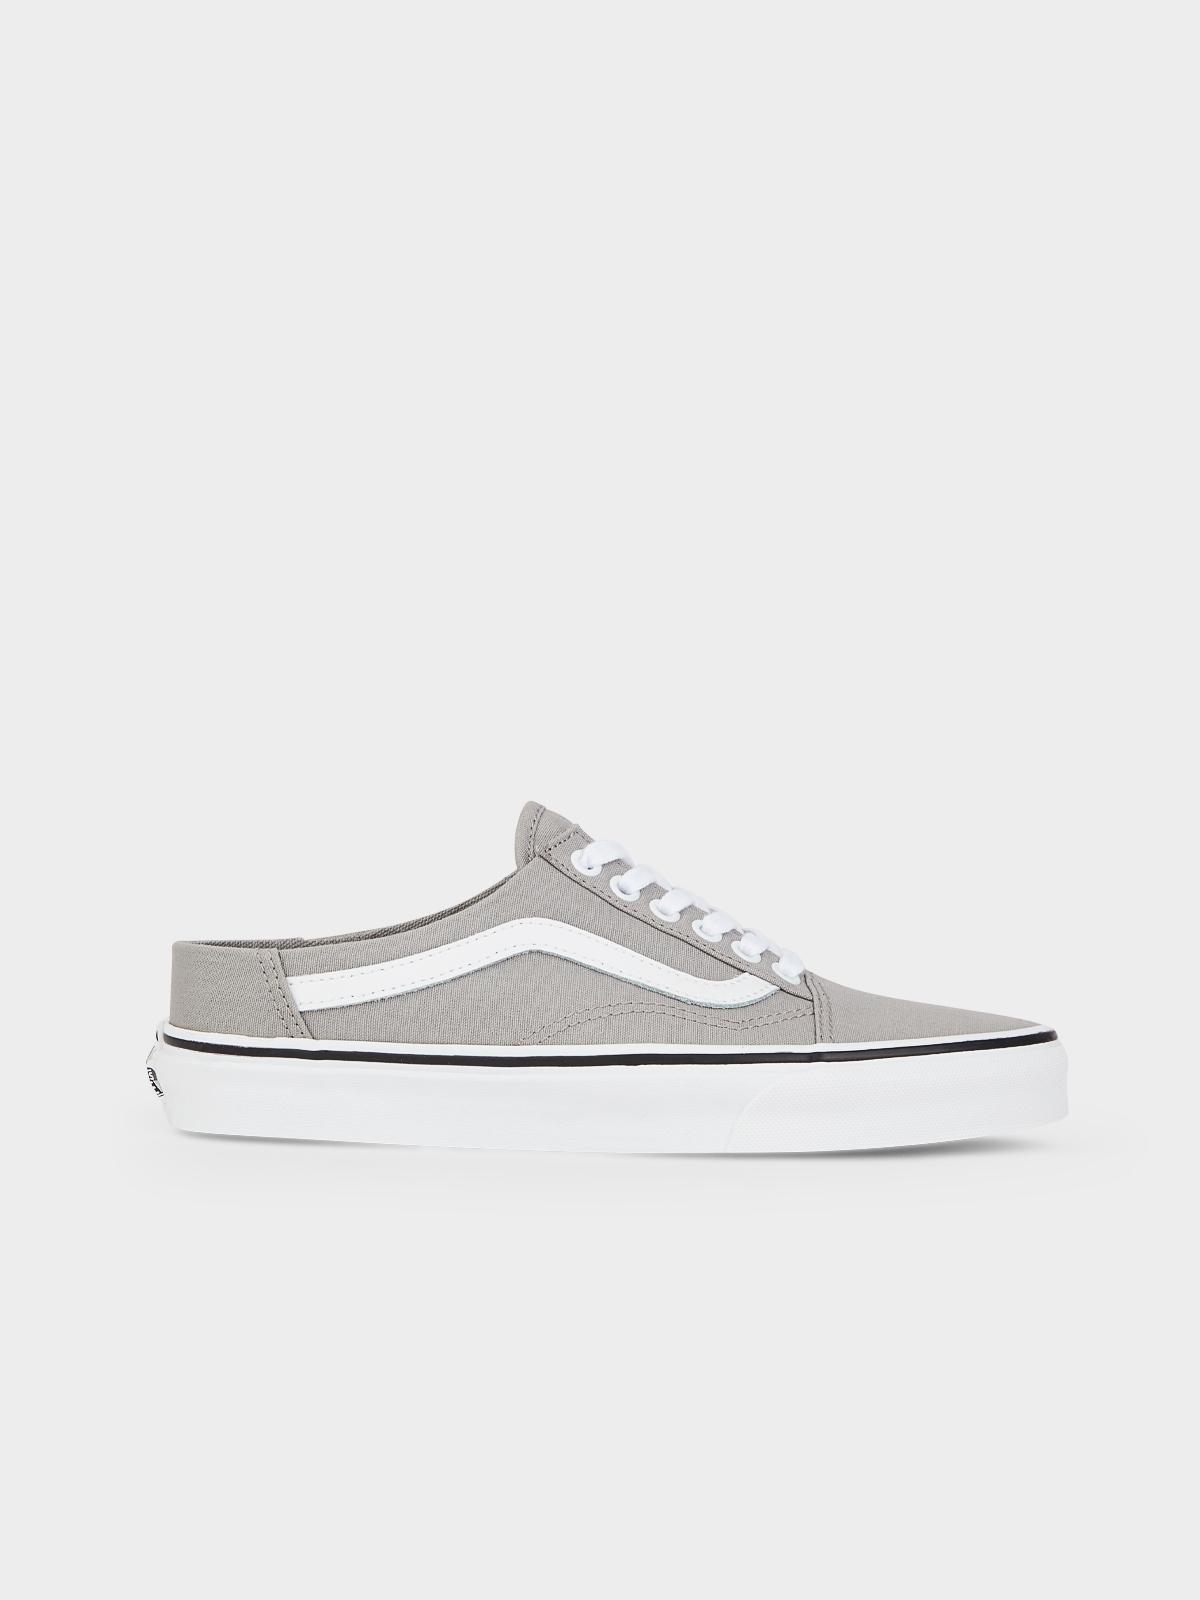 Vans Old Skool Mule Sneakers GreyWhite